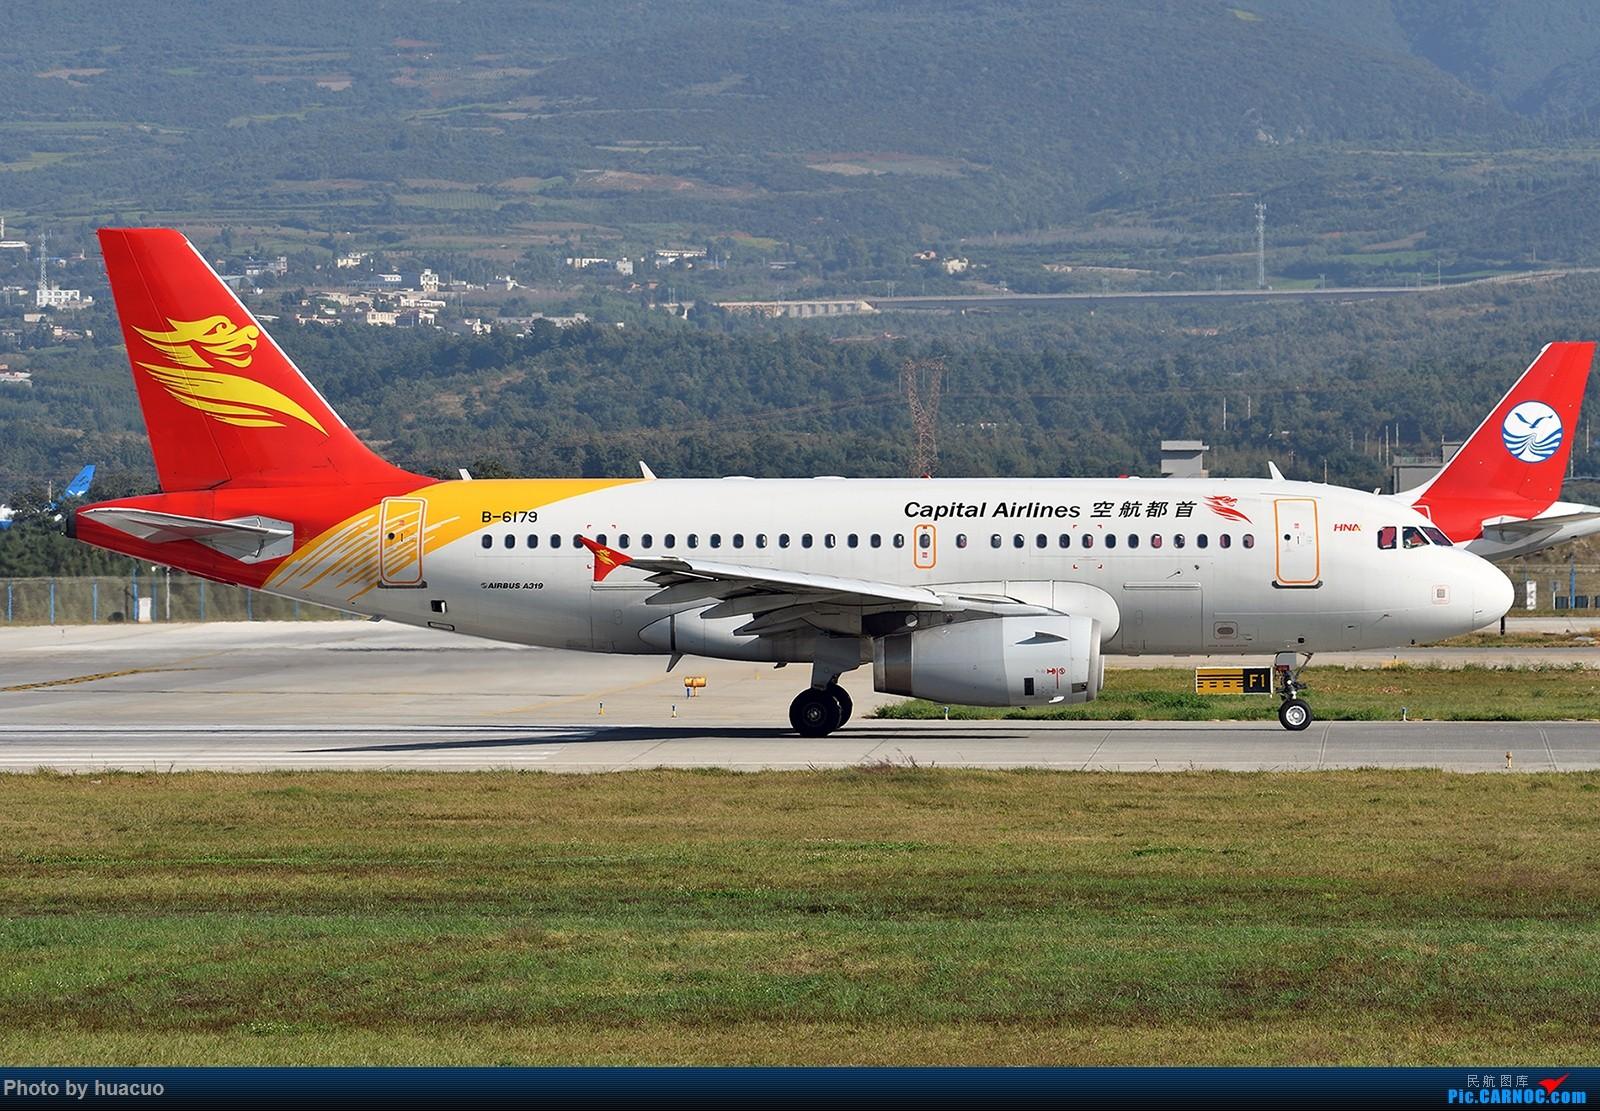 Re:[原创]【KMG】下雨天,只能猫家里了 AIRBUS A319-100 B-6179 中国昆明长水国际机场